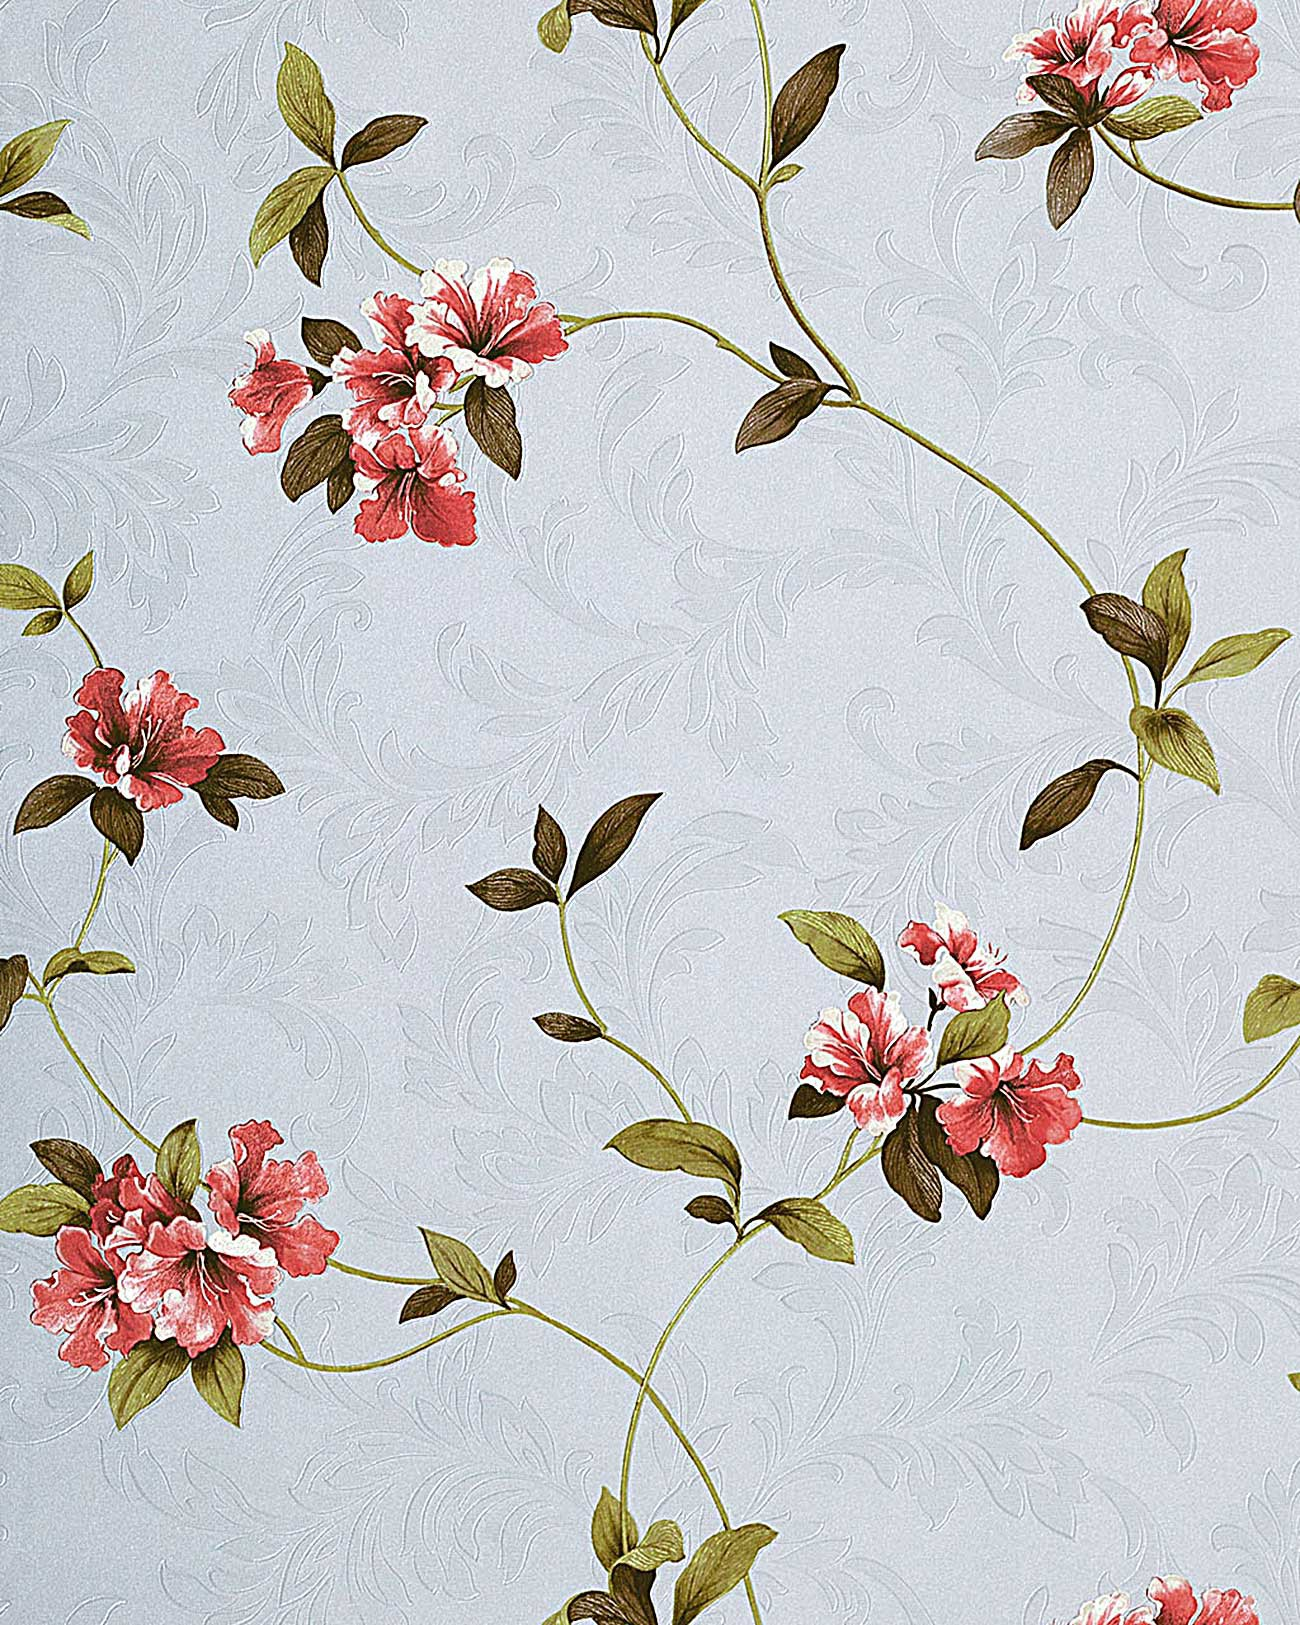 asia tapete edem 761 25 orientalische tapete floral designer hochwertiger pr gequalit t pastell. Black Bedroom Furniture Sets. Home Design Ideas